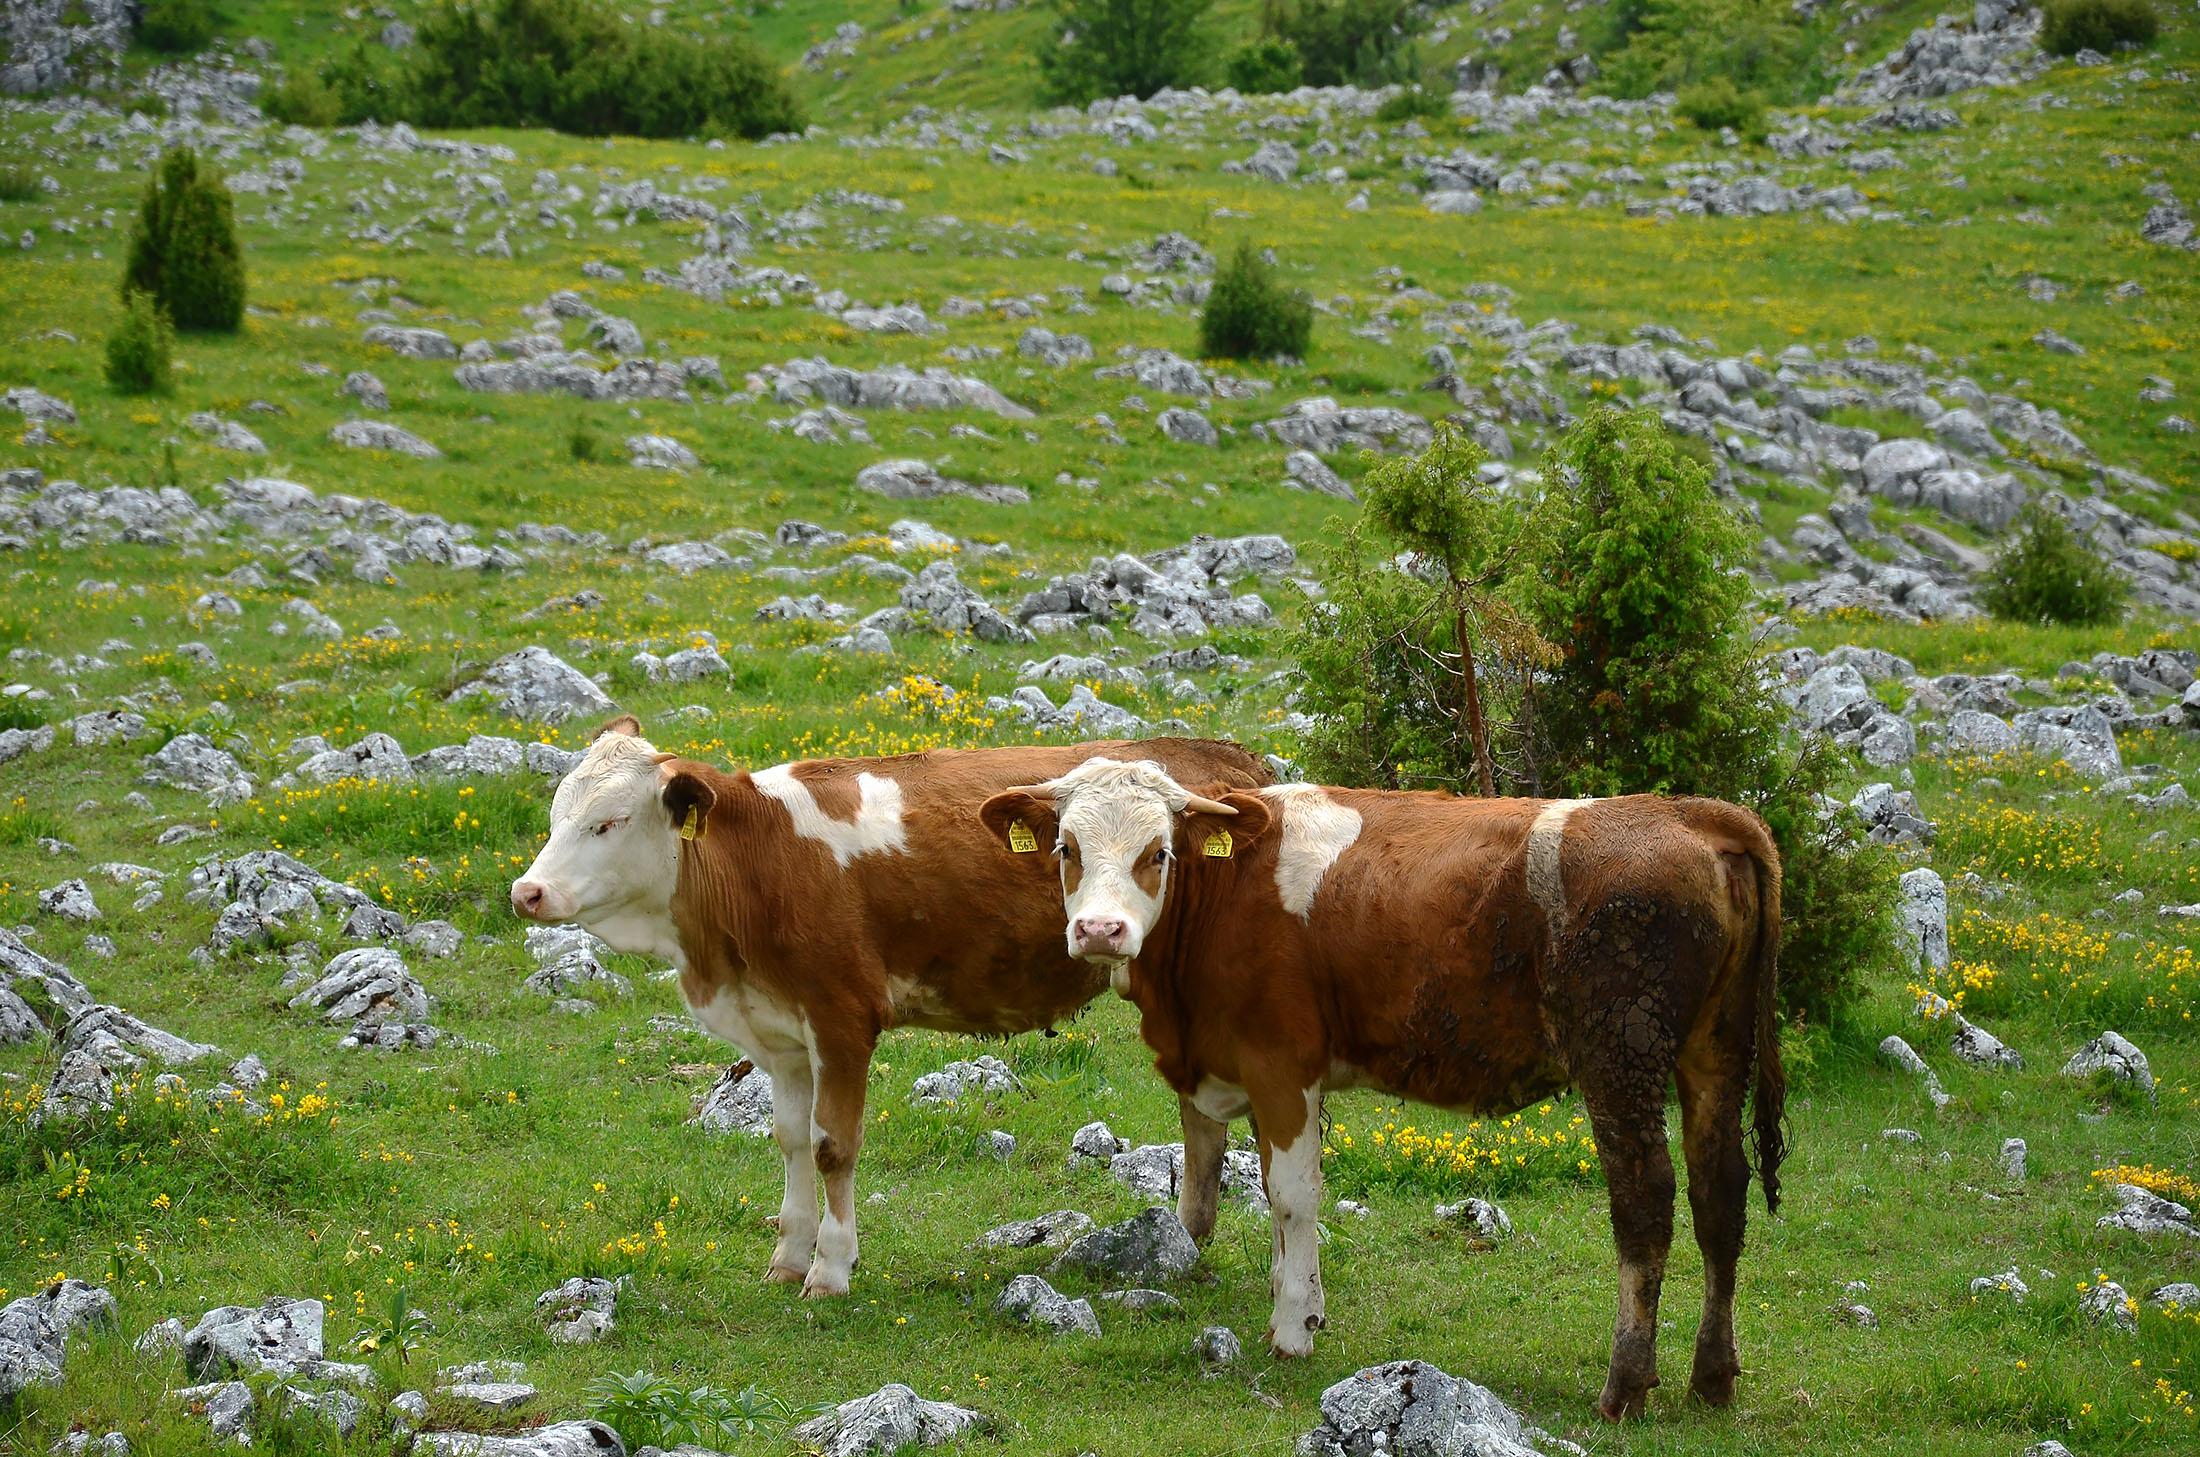 Krave na ispaši - Lepote planine Zlatar